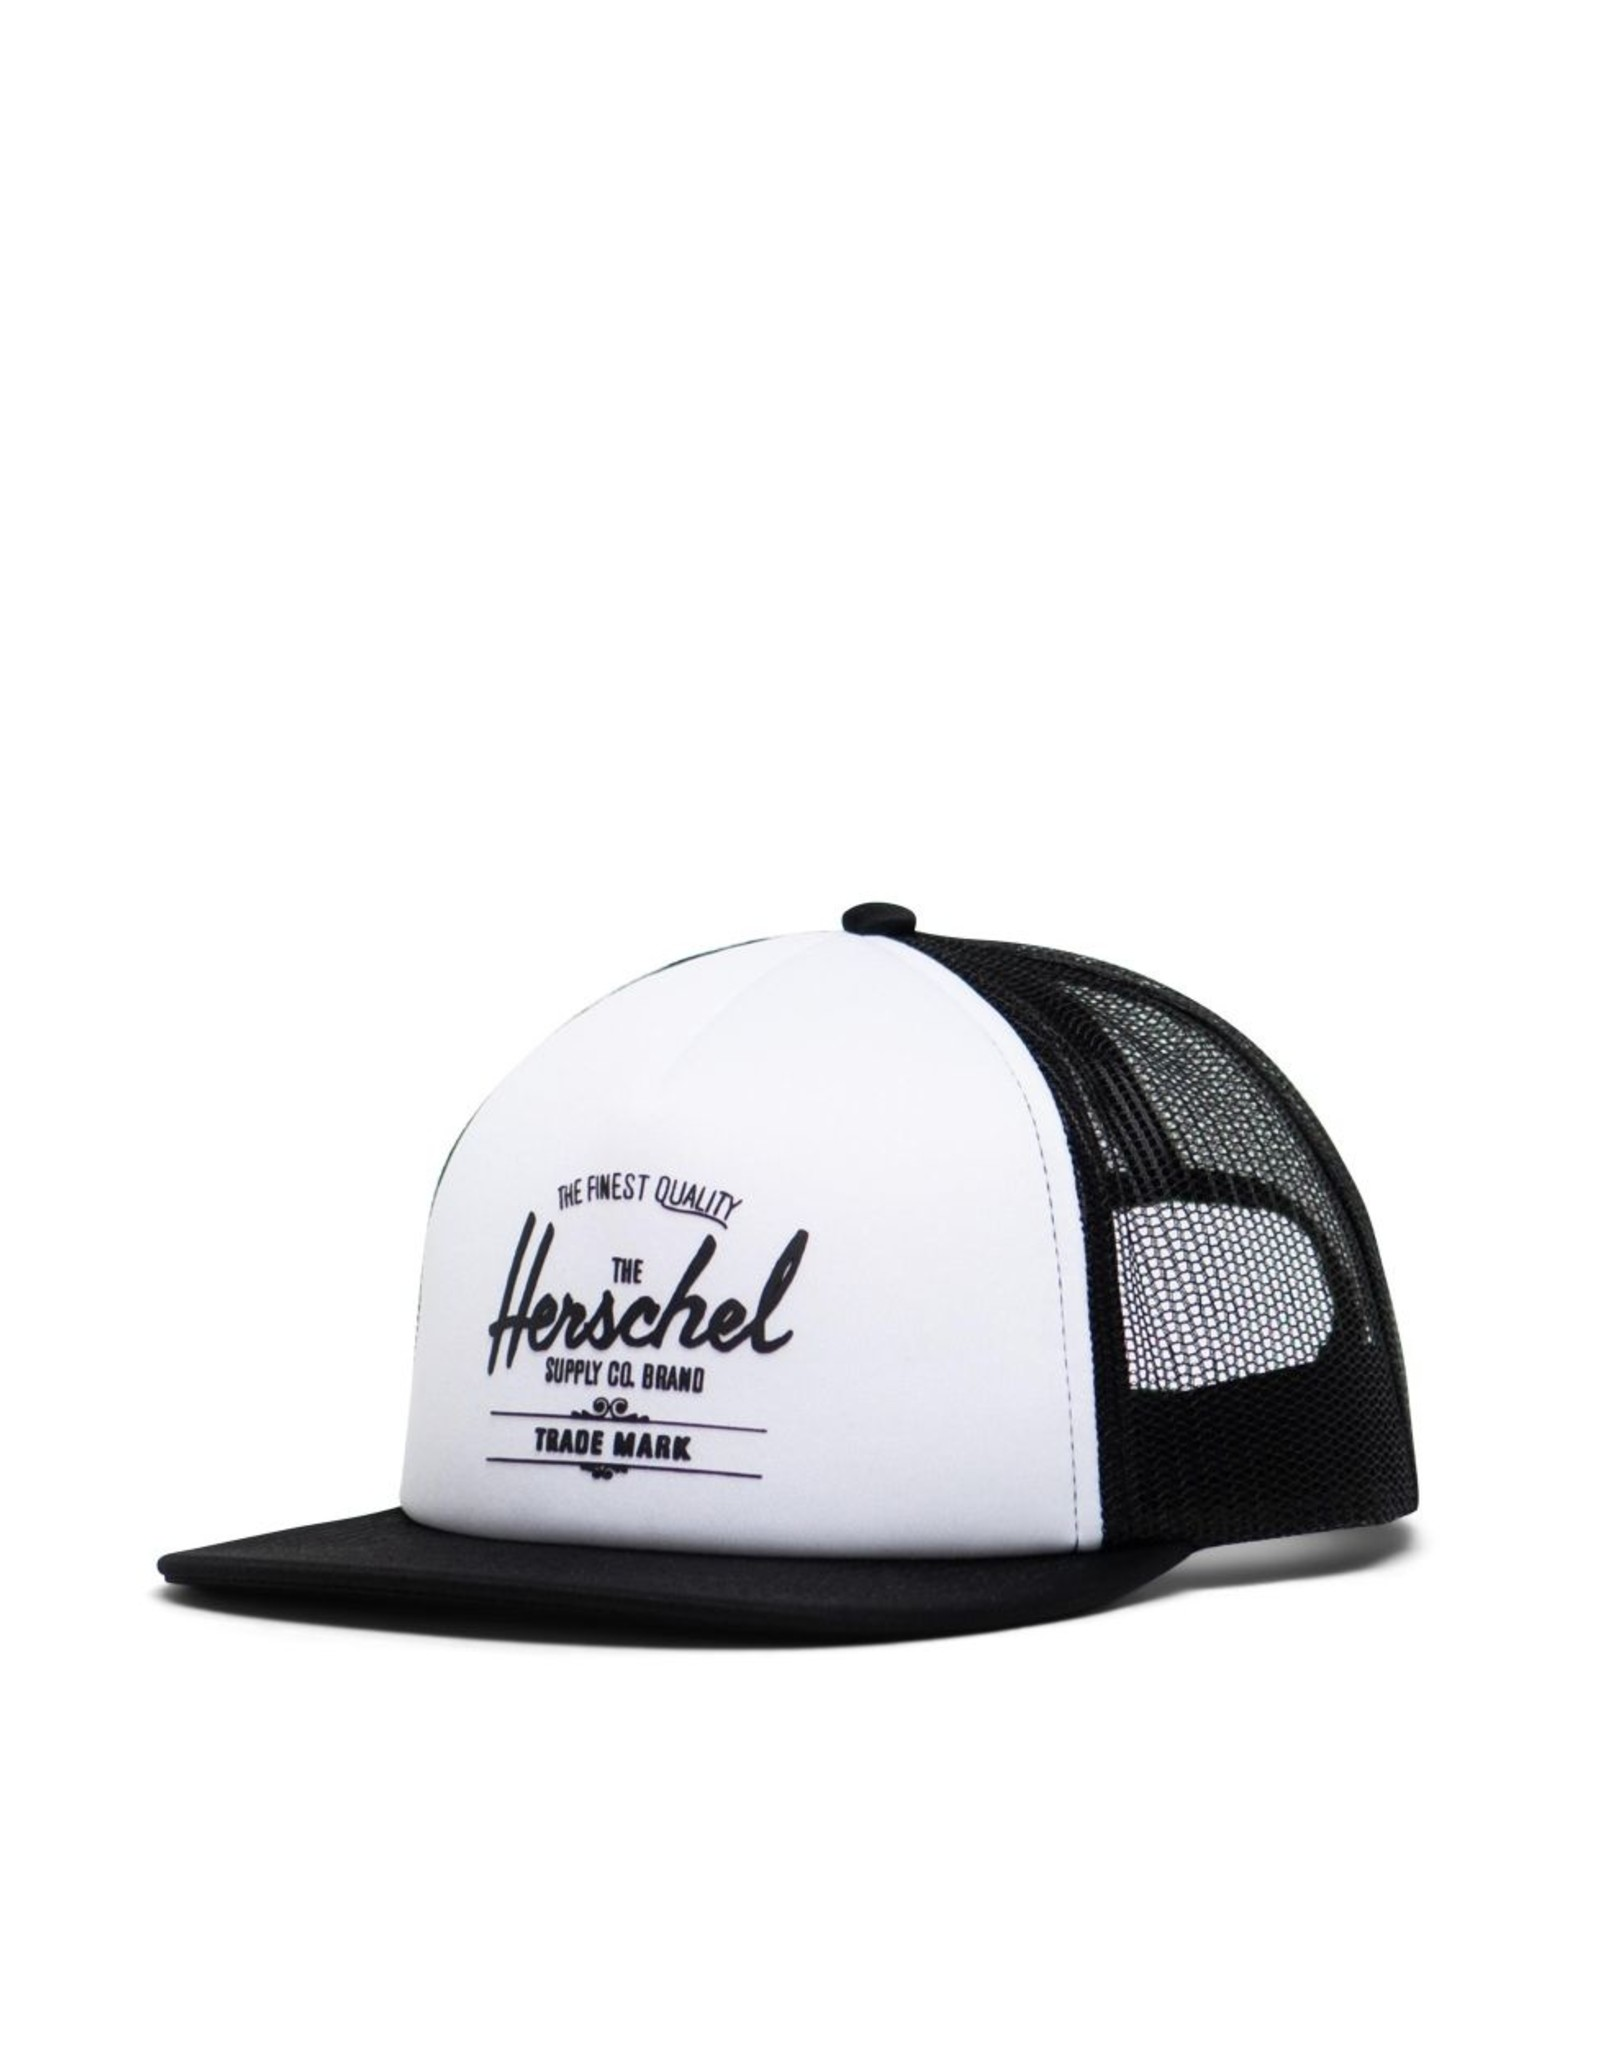 Herschel Supply Co. SP21 White/Black Baby Whaler Cap 6-18M